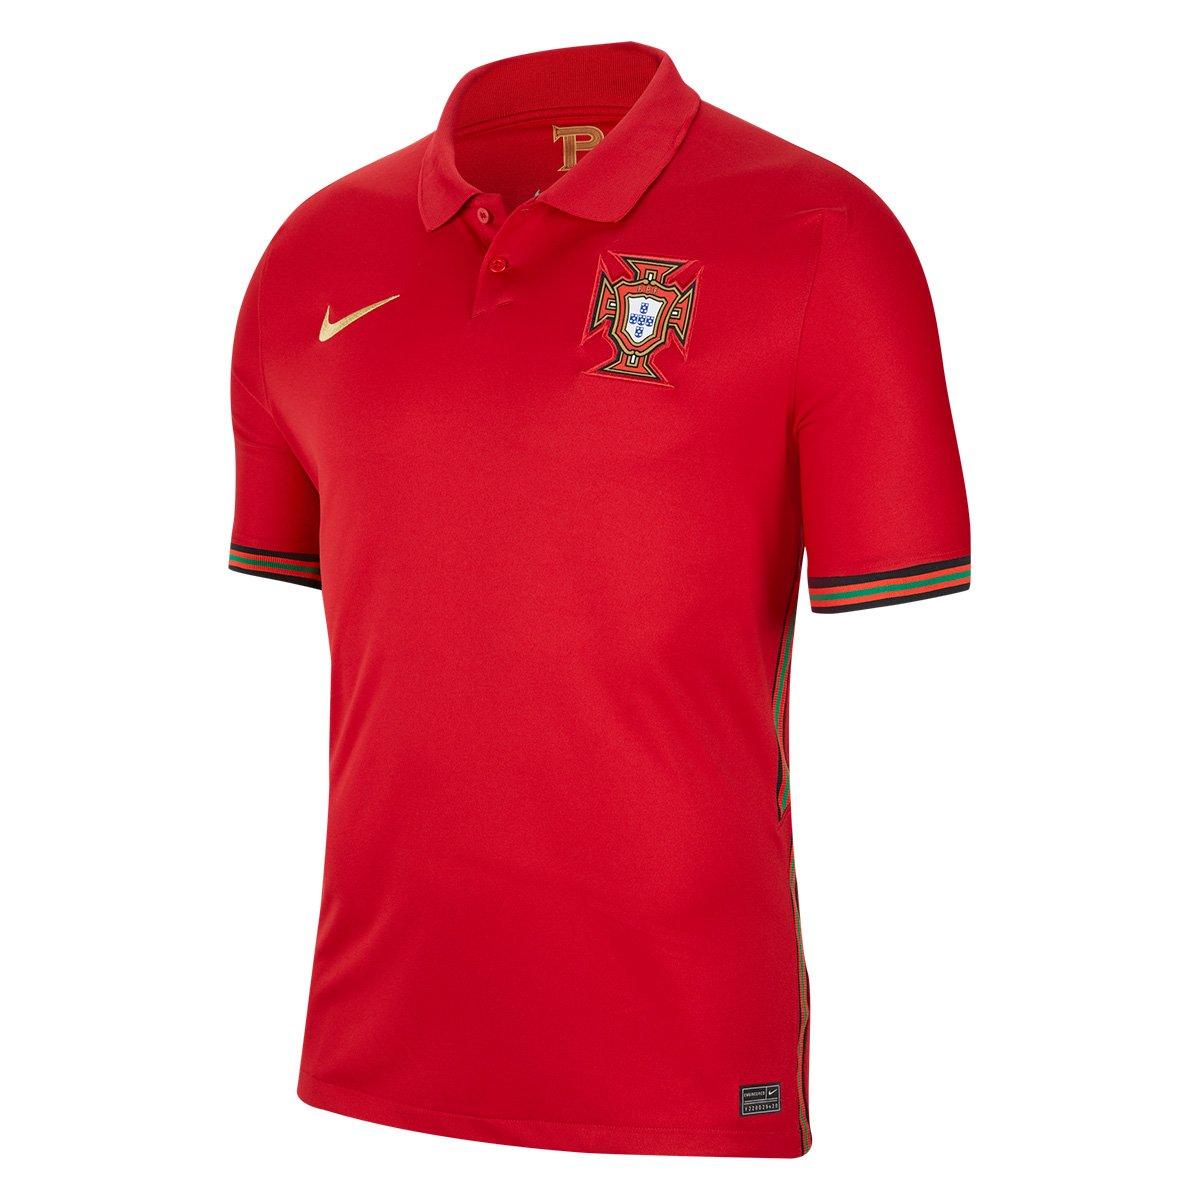 Camisa Seleção Portugal Home 20/21 s/n° Torcedor Nike Masculina